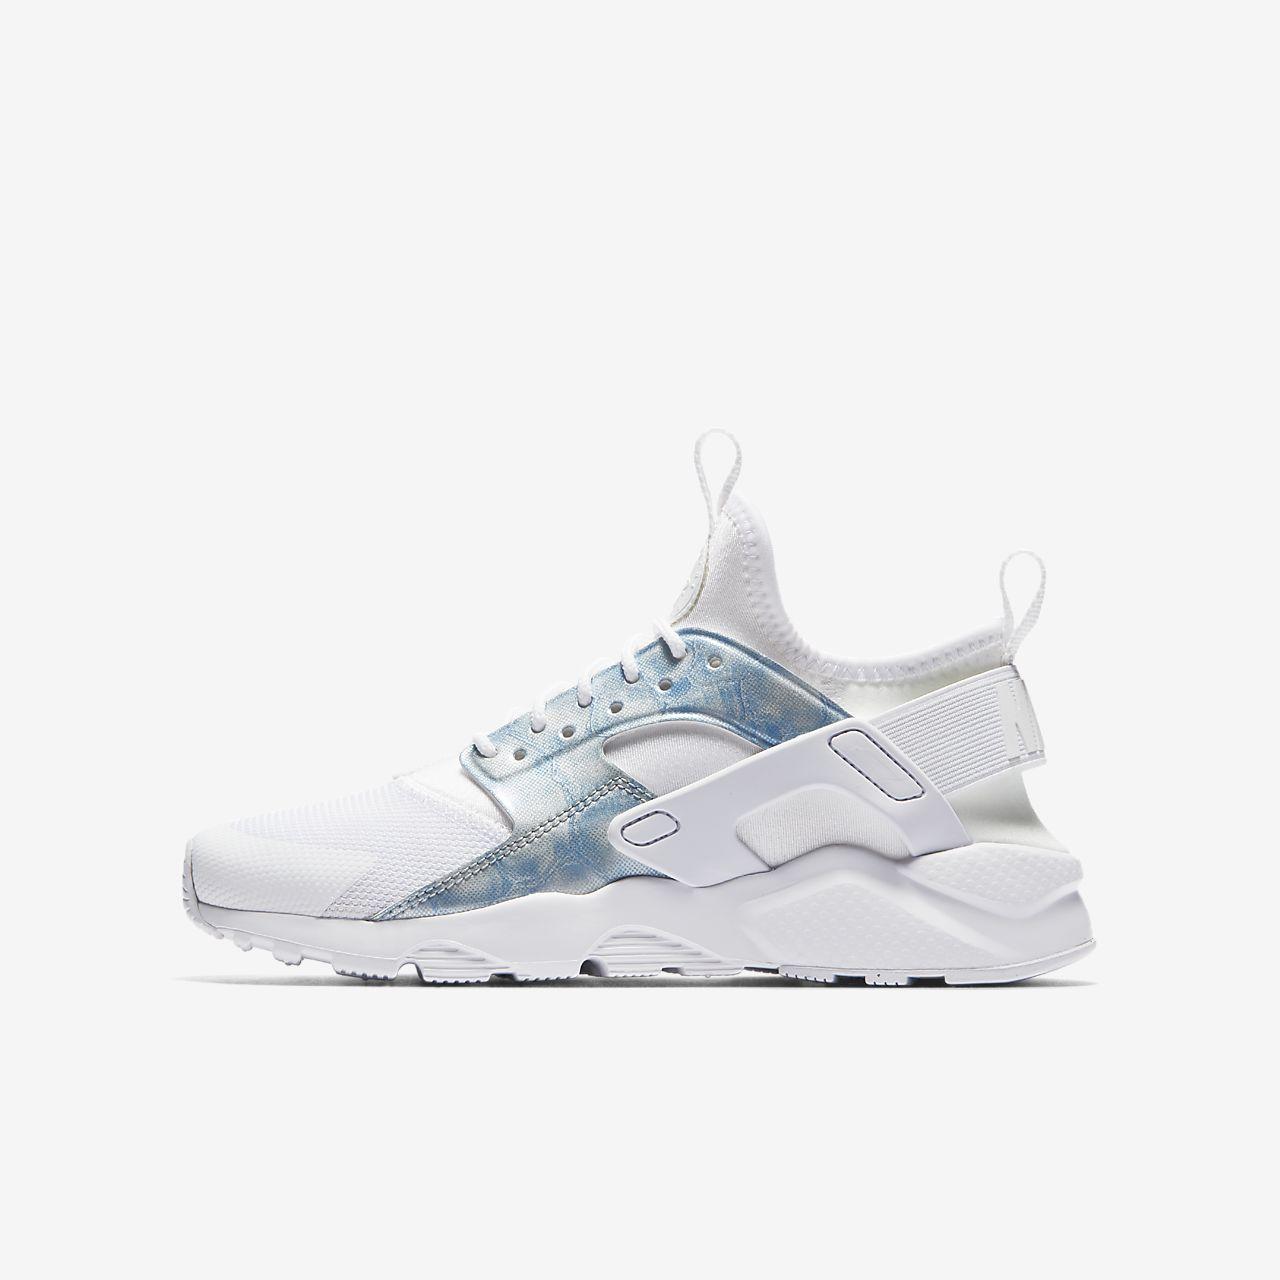 5b8ff72e7262 Chaussures Nike Air Huarache bleues Casual enfant 8gD6n - isolation ...